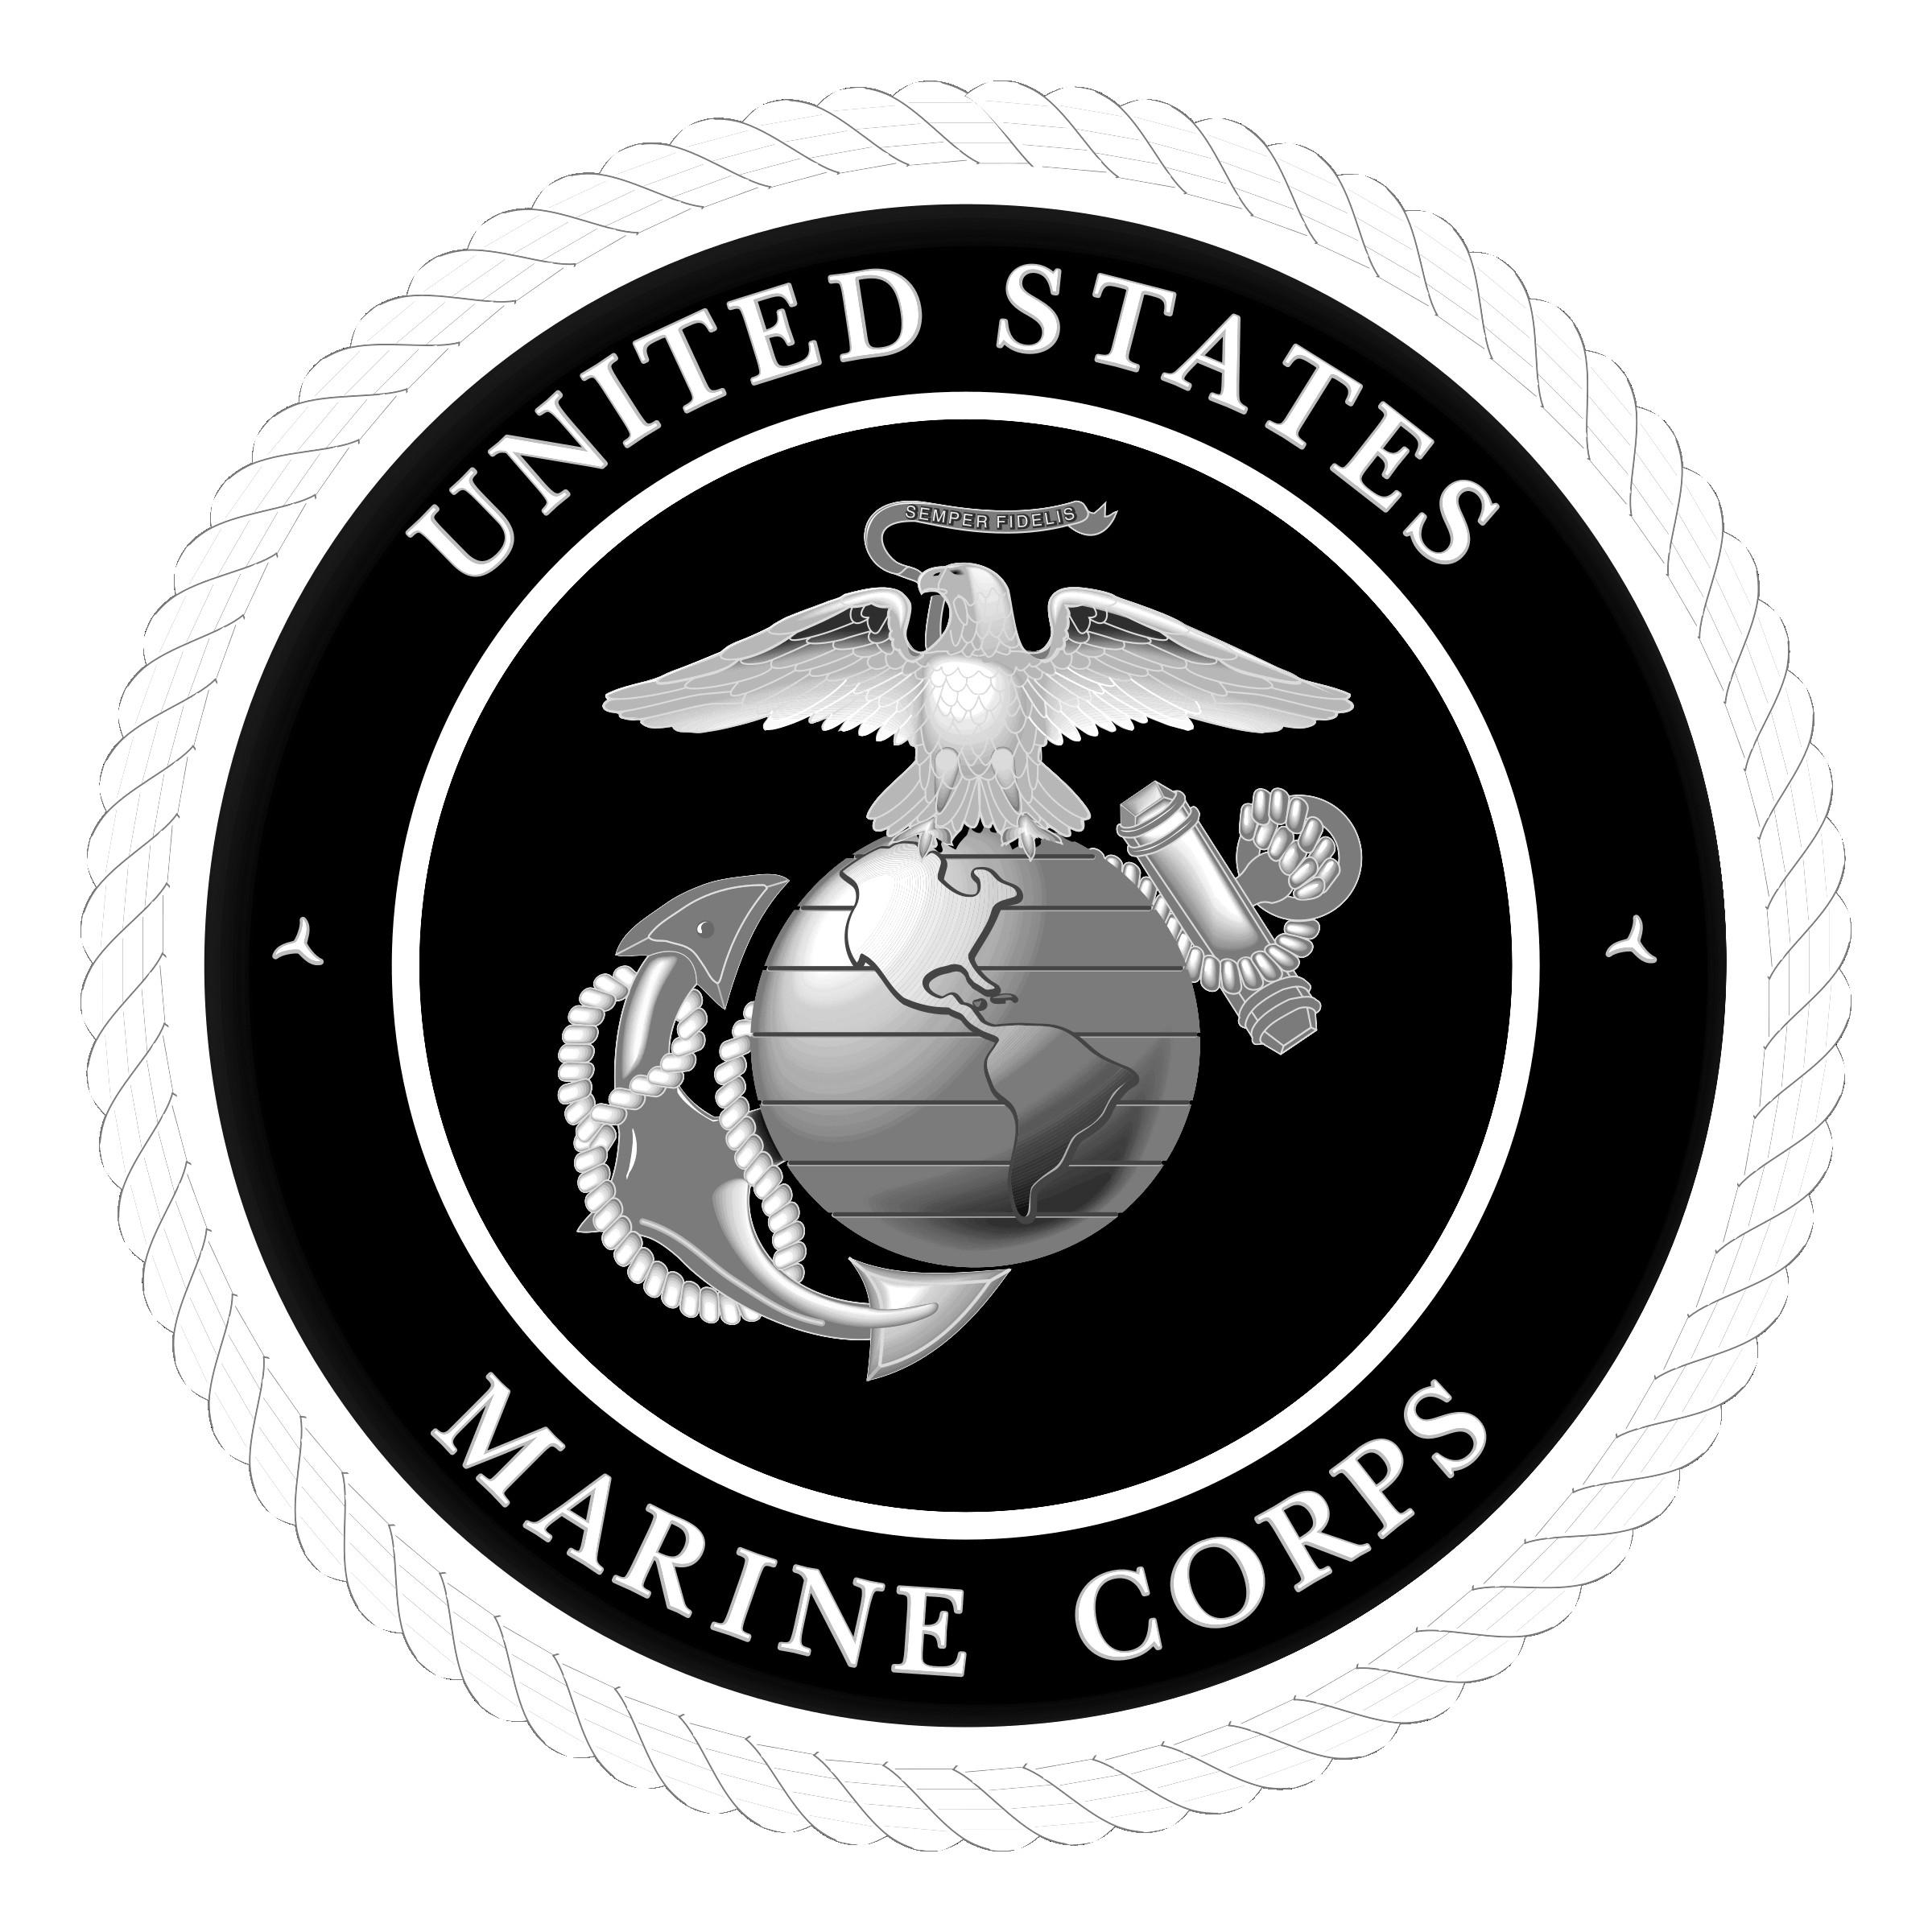 2400x2400 Usmc United States Marine Corps Projectreality Wiki Fandom